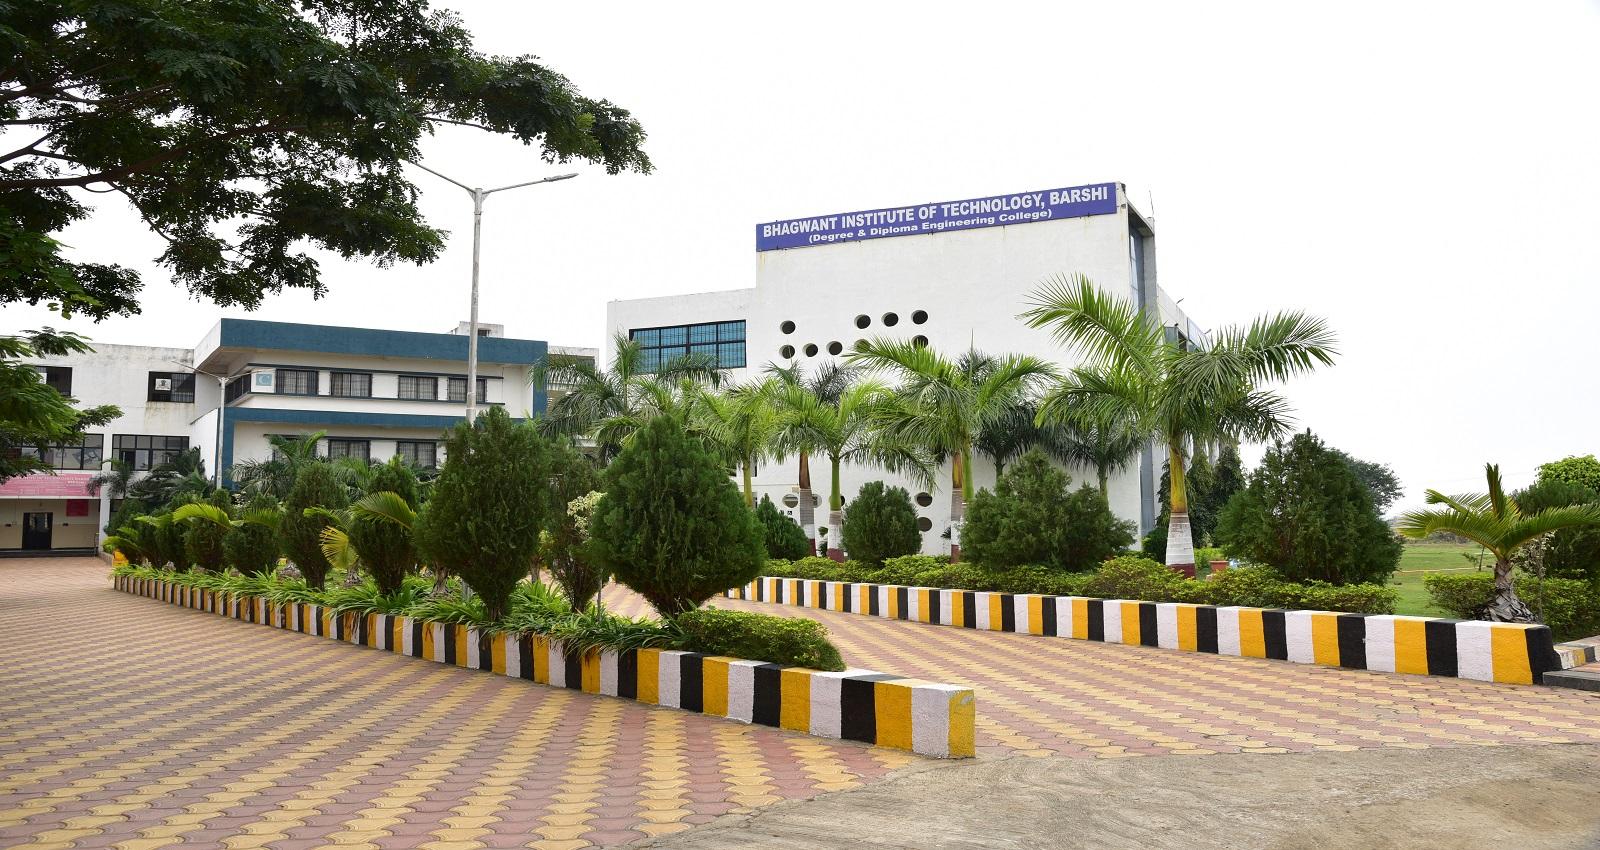 Bhagwant Institute of Technology, Barshi